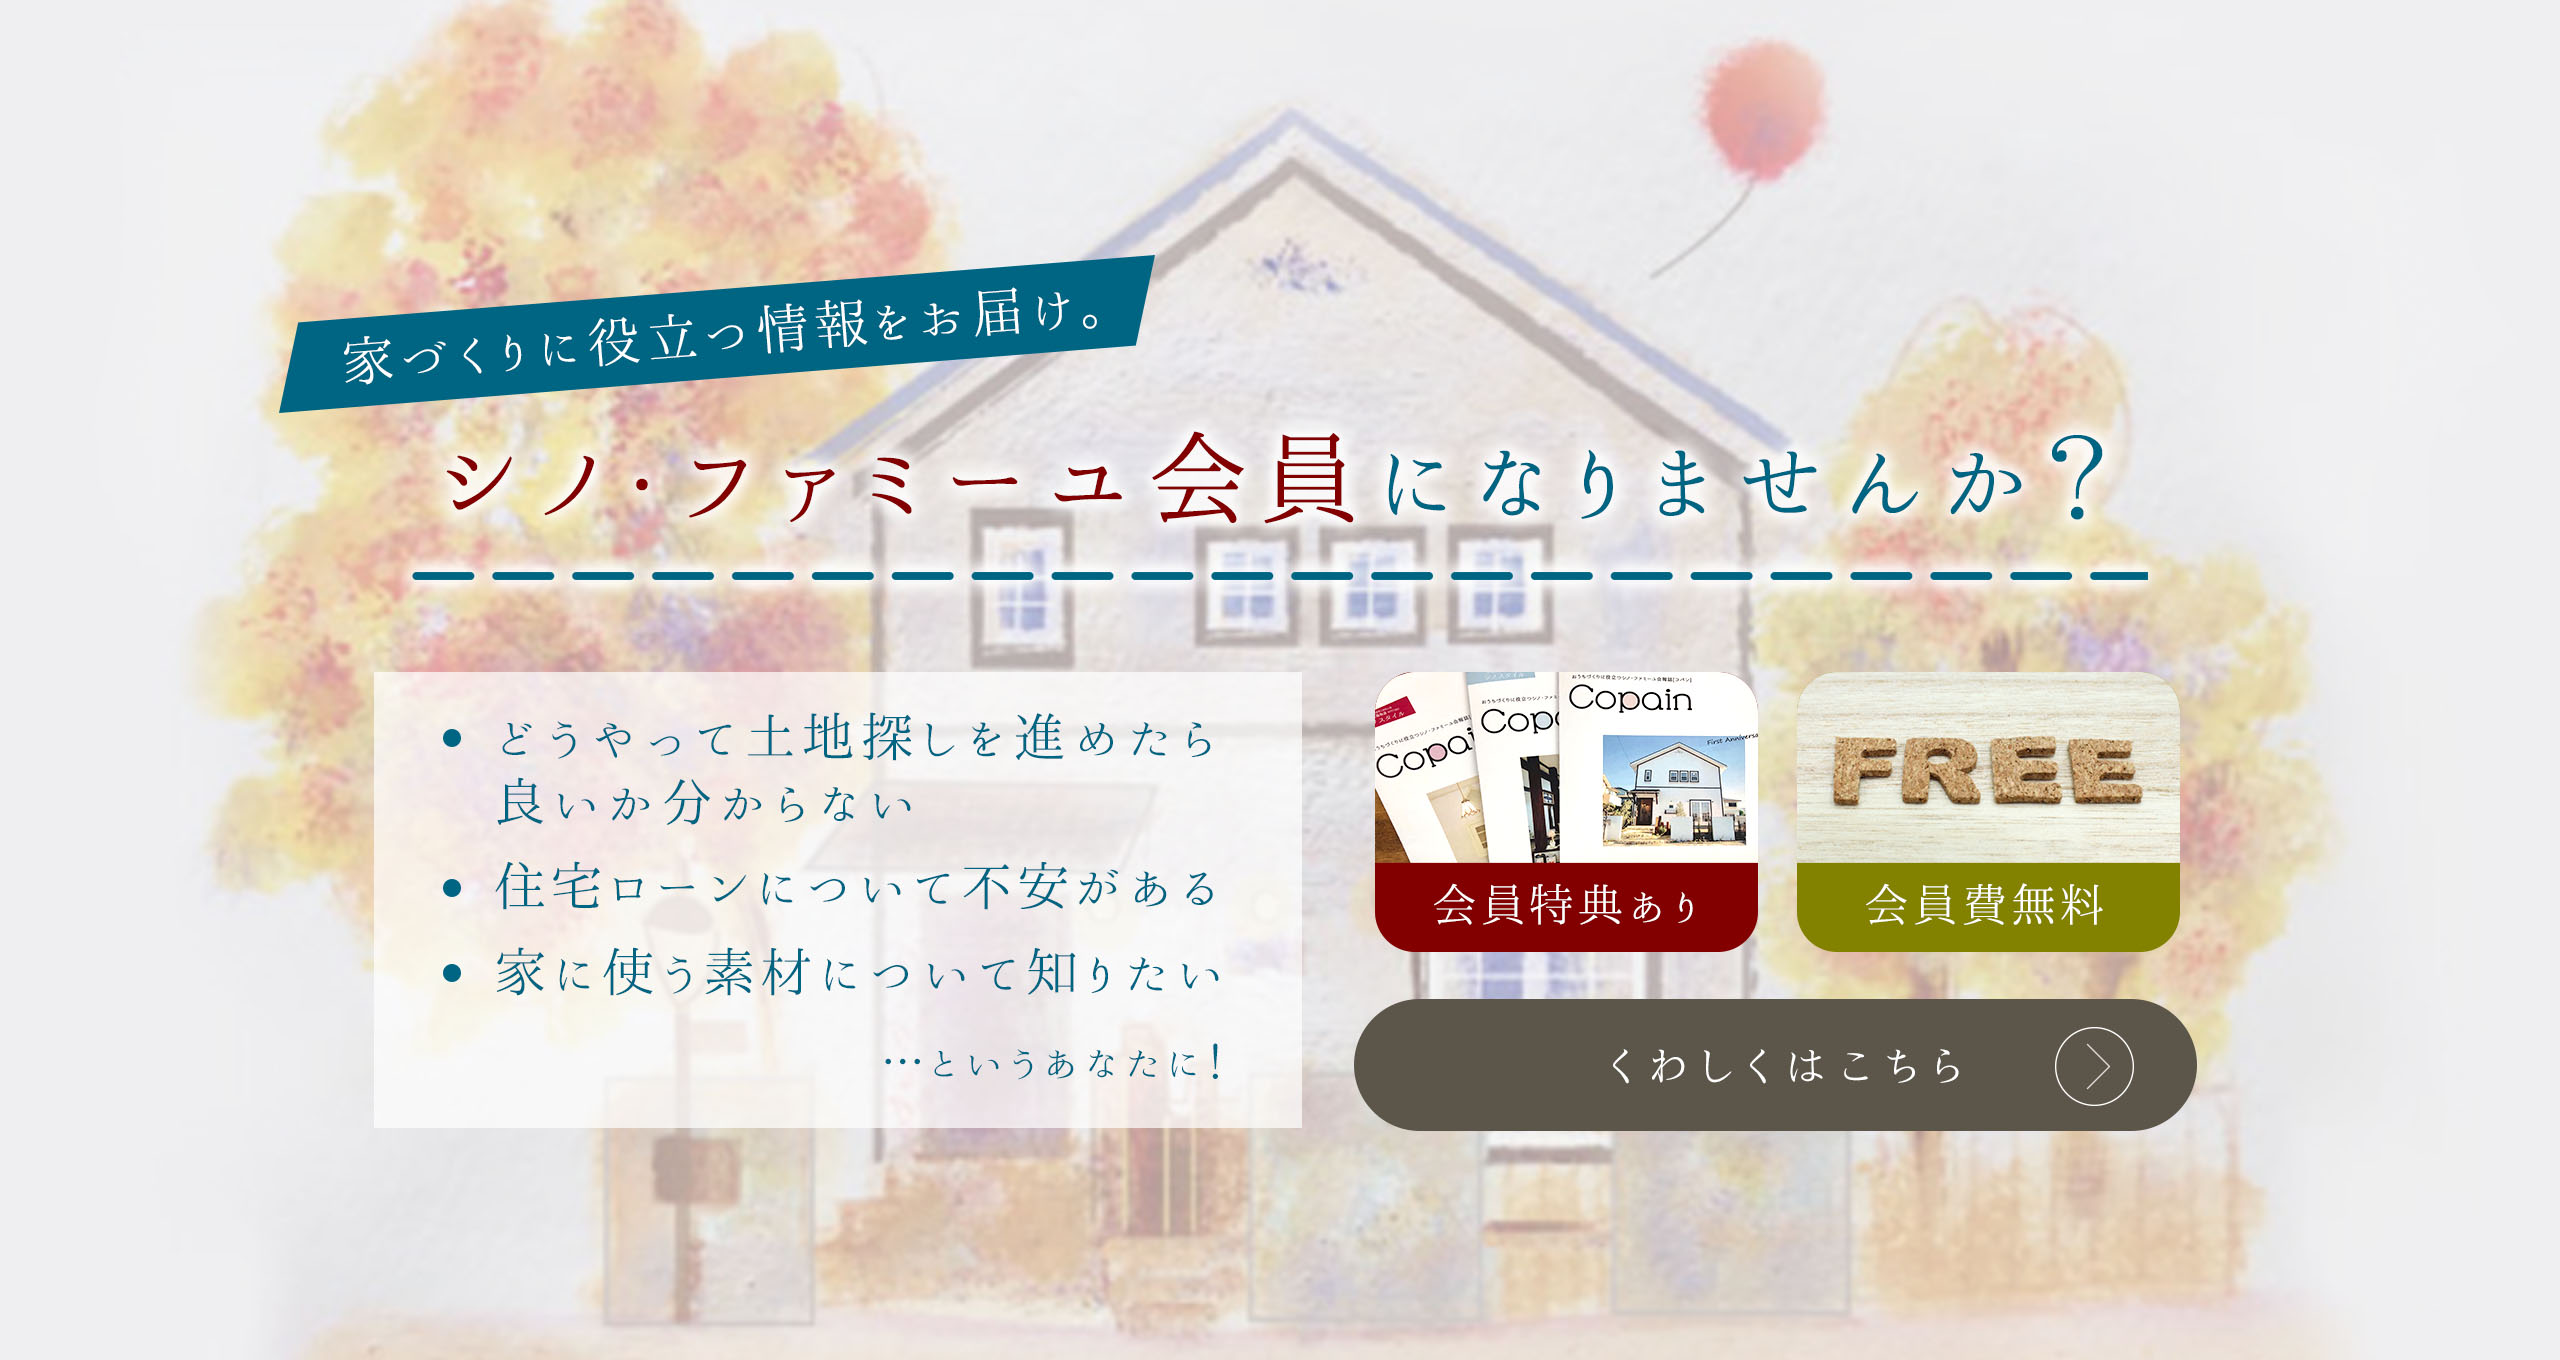 スライド画像 - シノ・ファミーユ会員になりませんか?